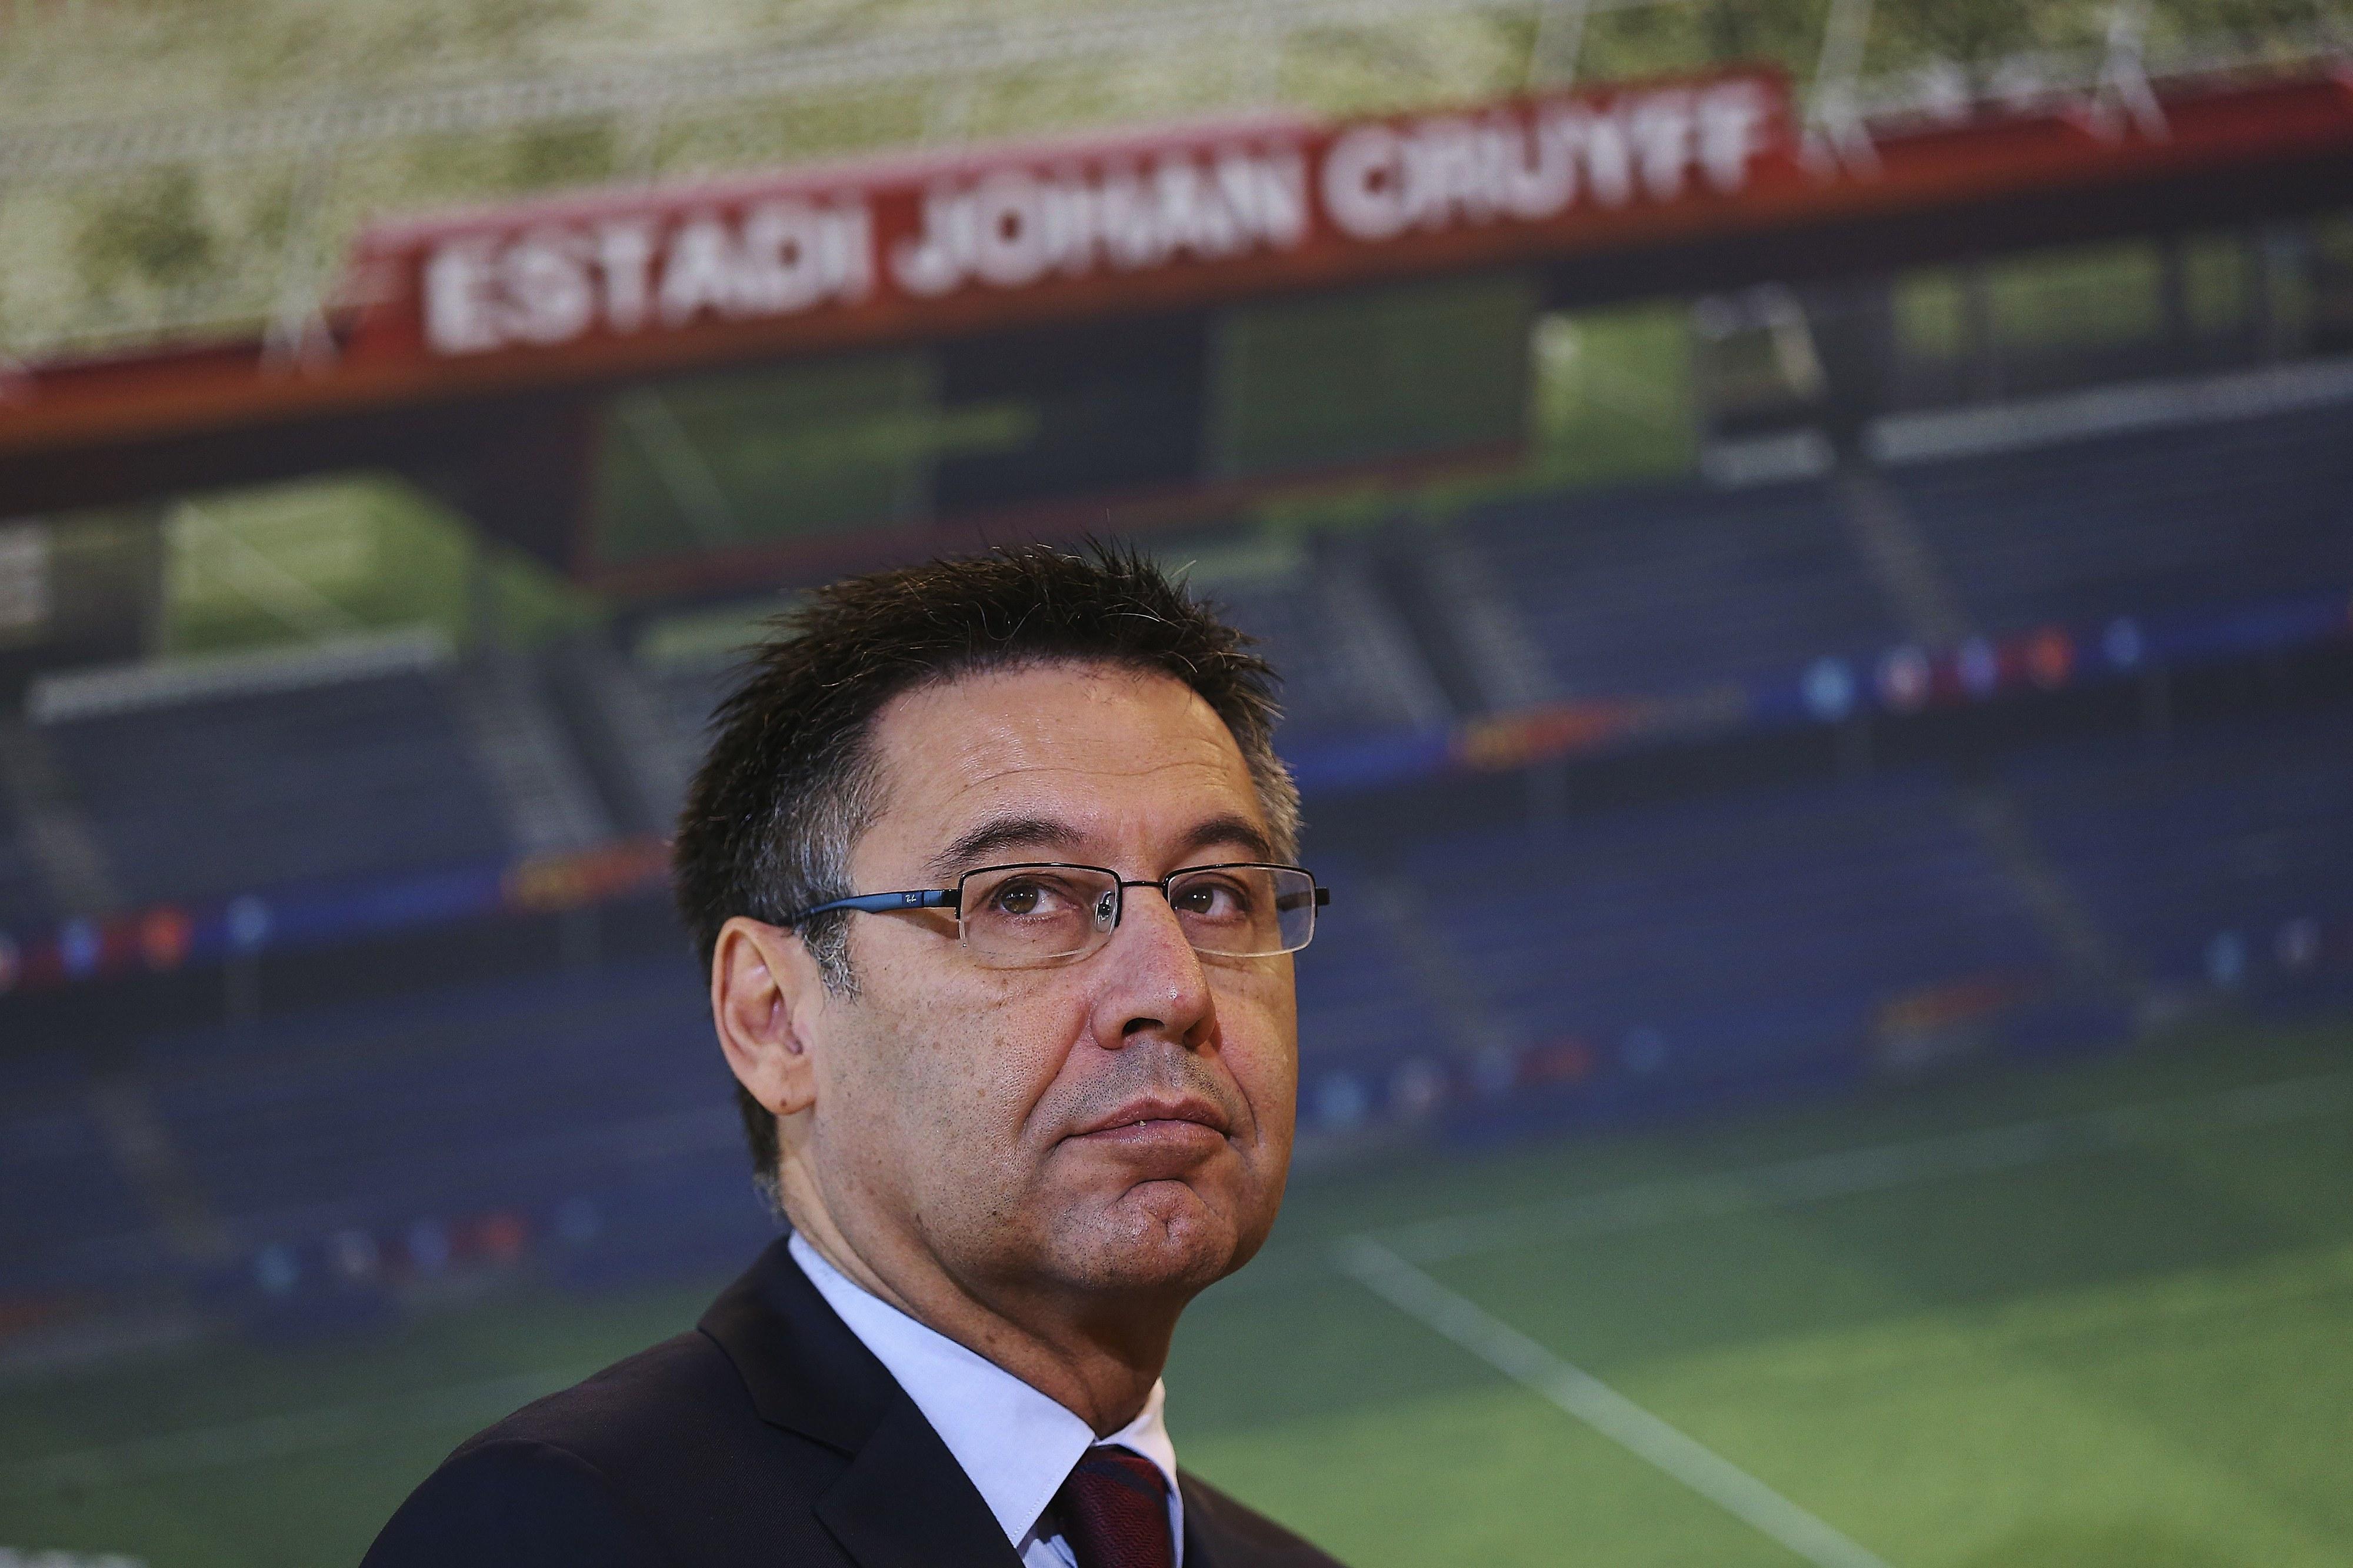 Presidente do FC Barcelona vai a tribunal por corrupção na contratação de Neymar